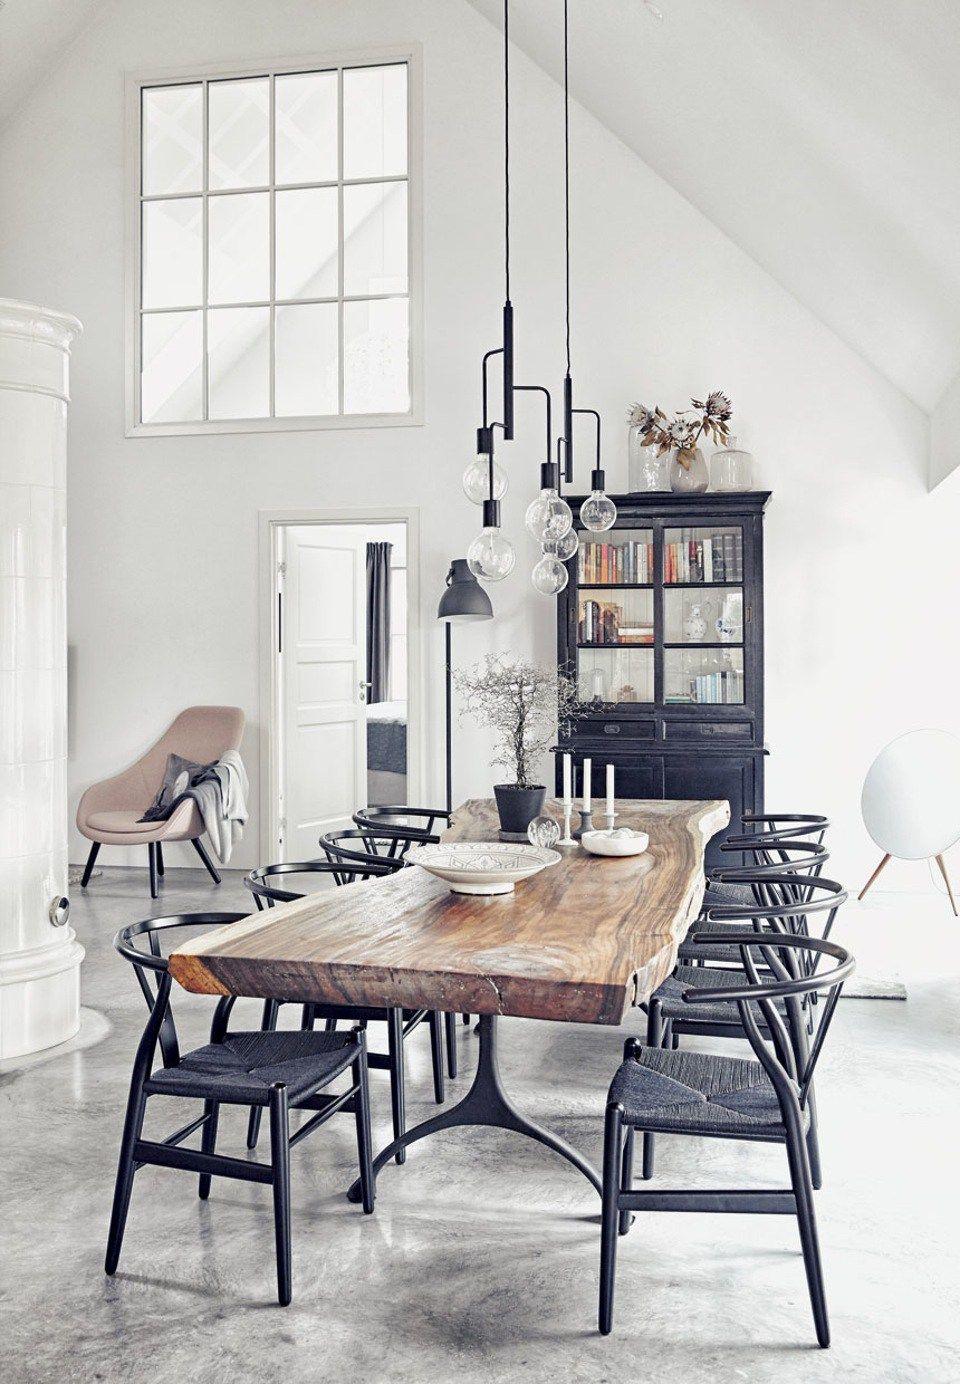 De la chaleur pour une maison neuve | PLANETE DECO a homes world ...